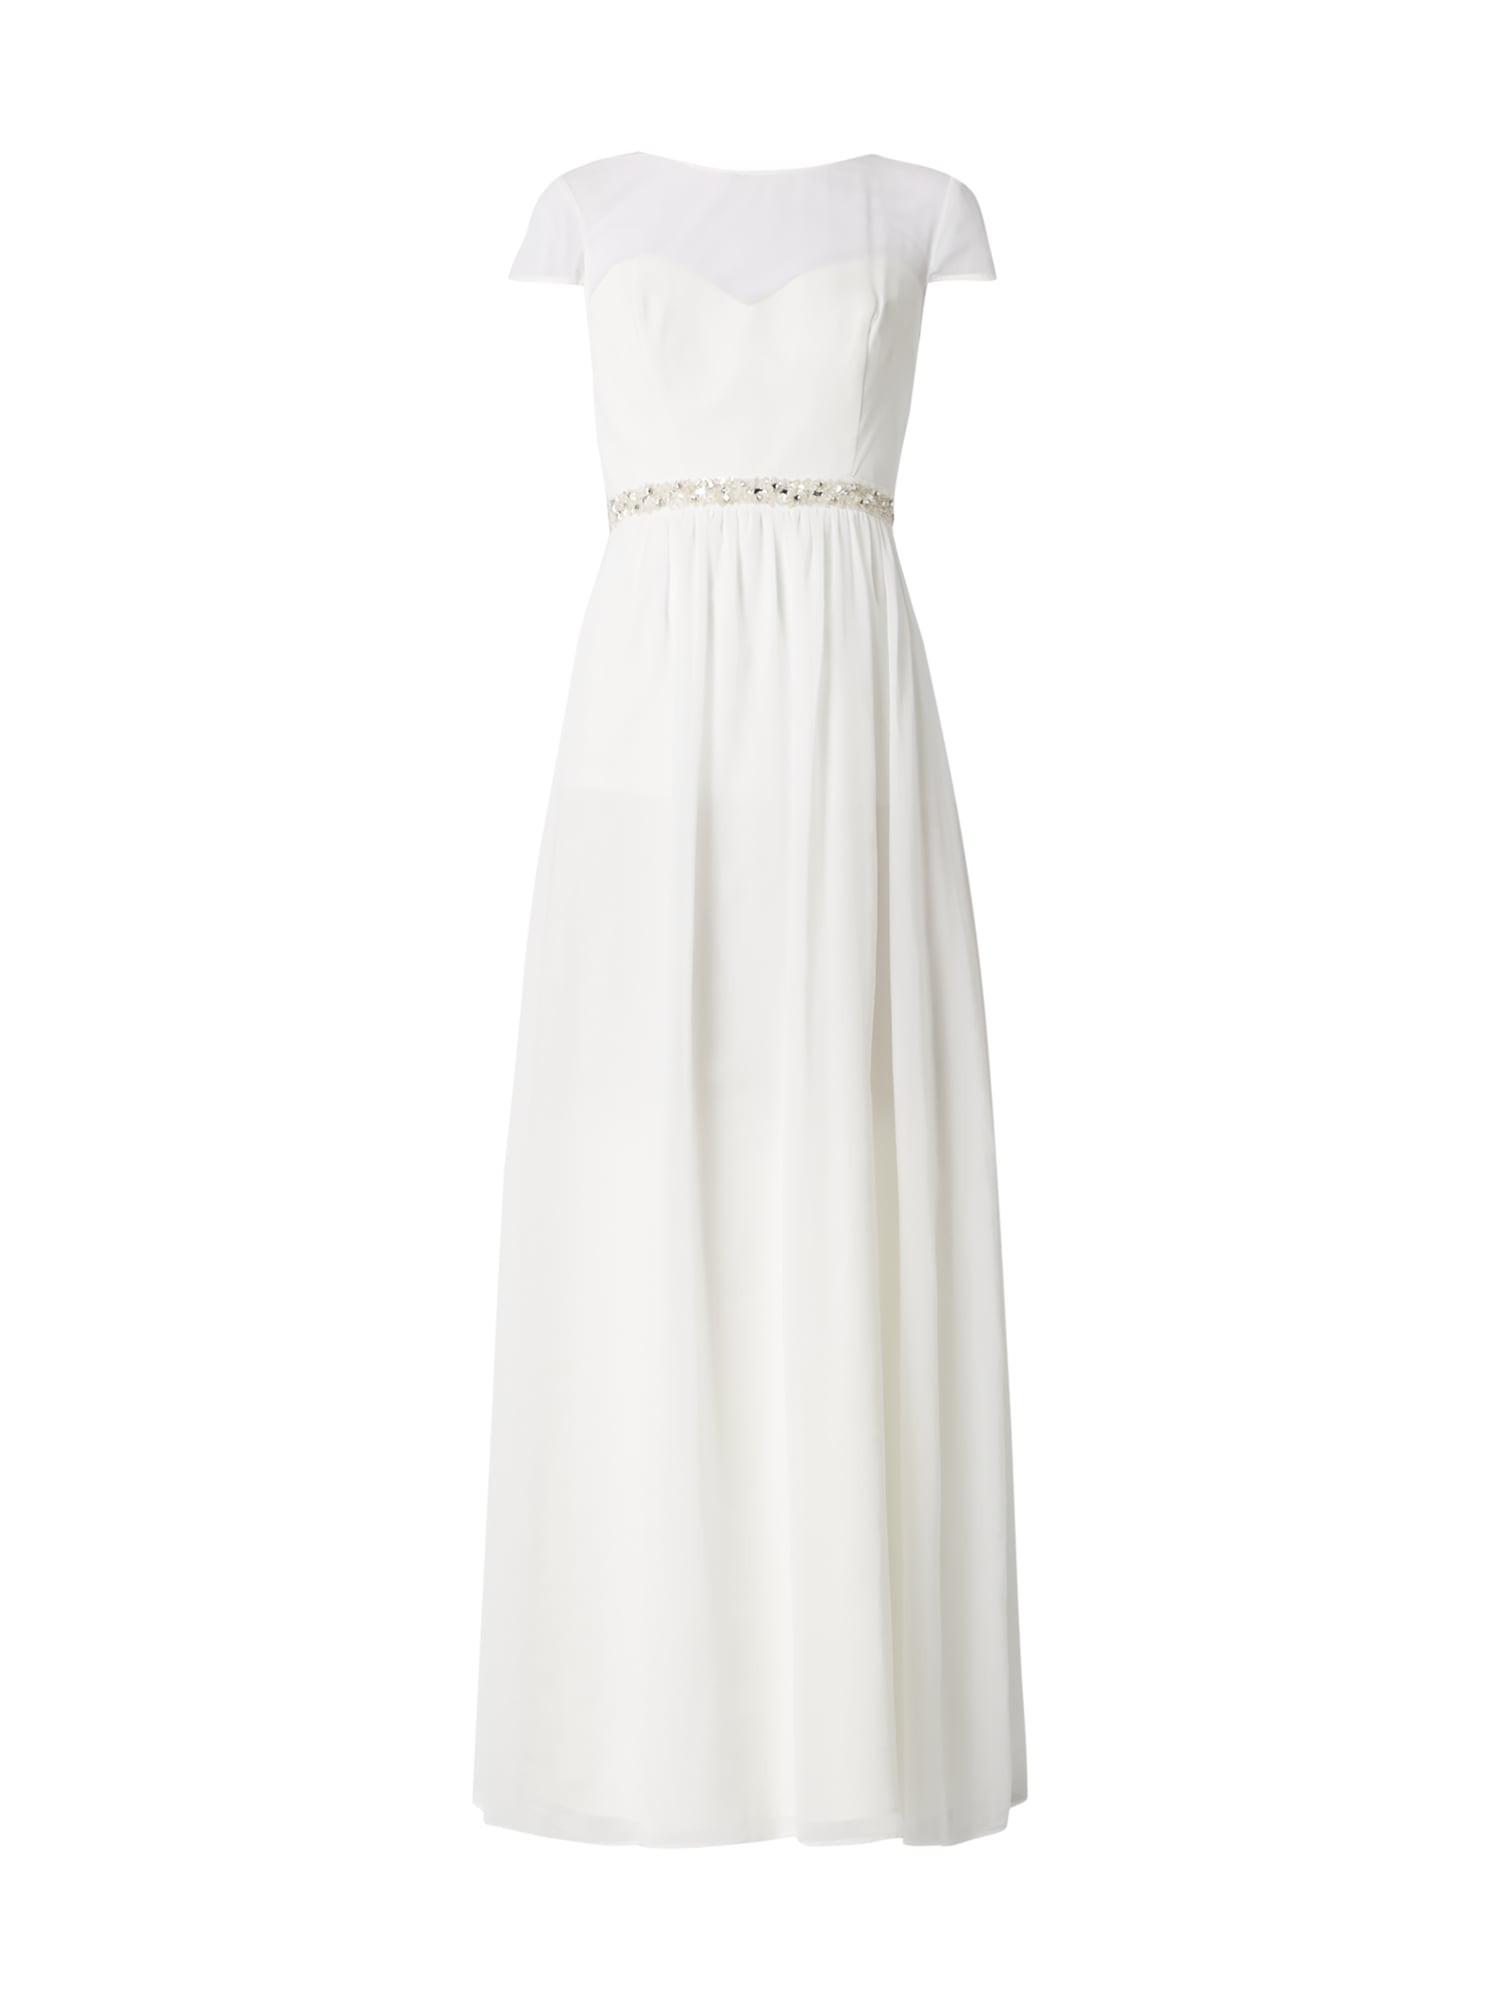 20 Einzigartig Young Couture Abendkleid Ärmel17 Großartig Young Couture Abendkleid Spezialgebiet